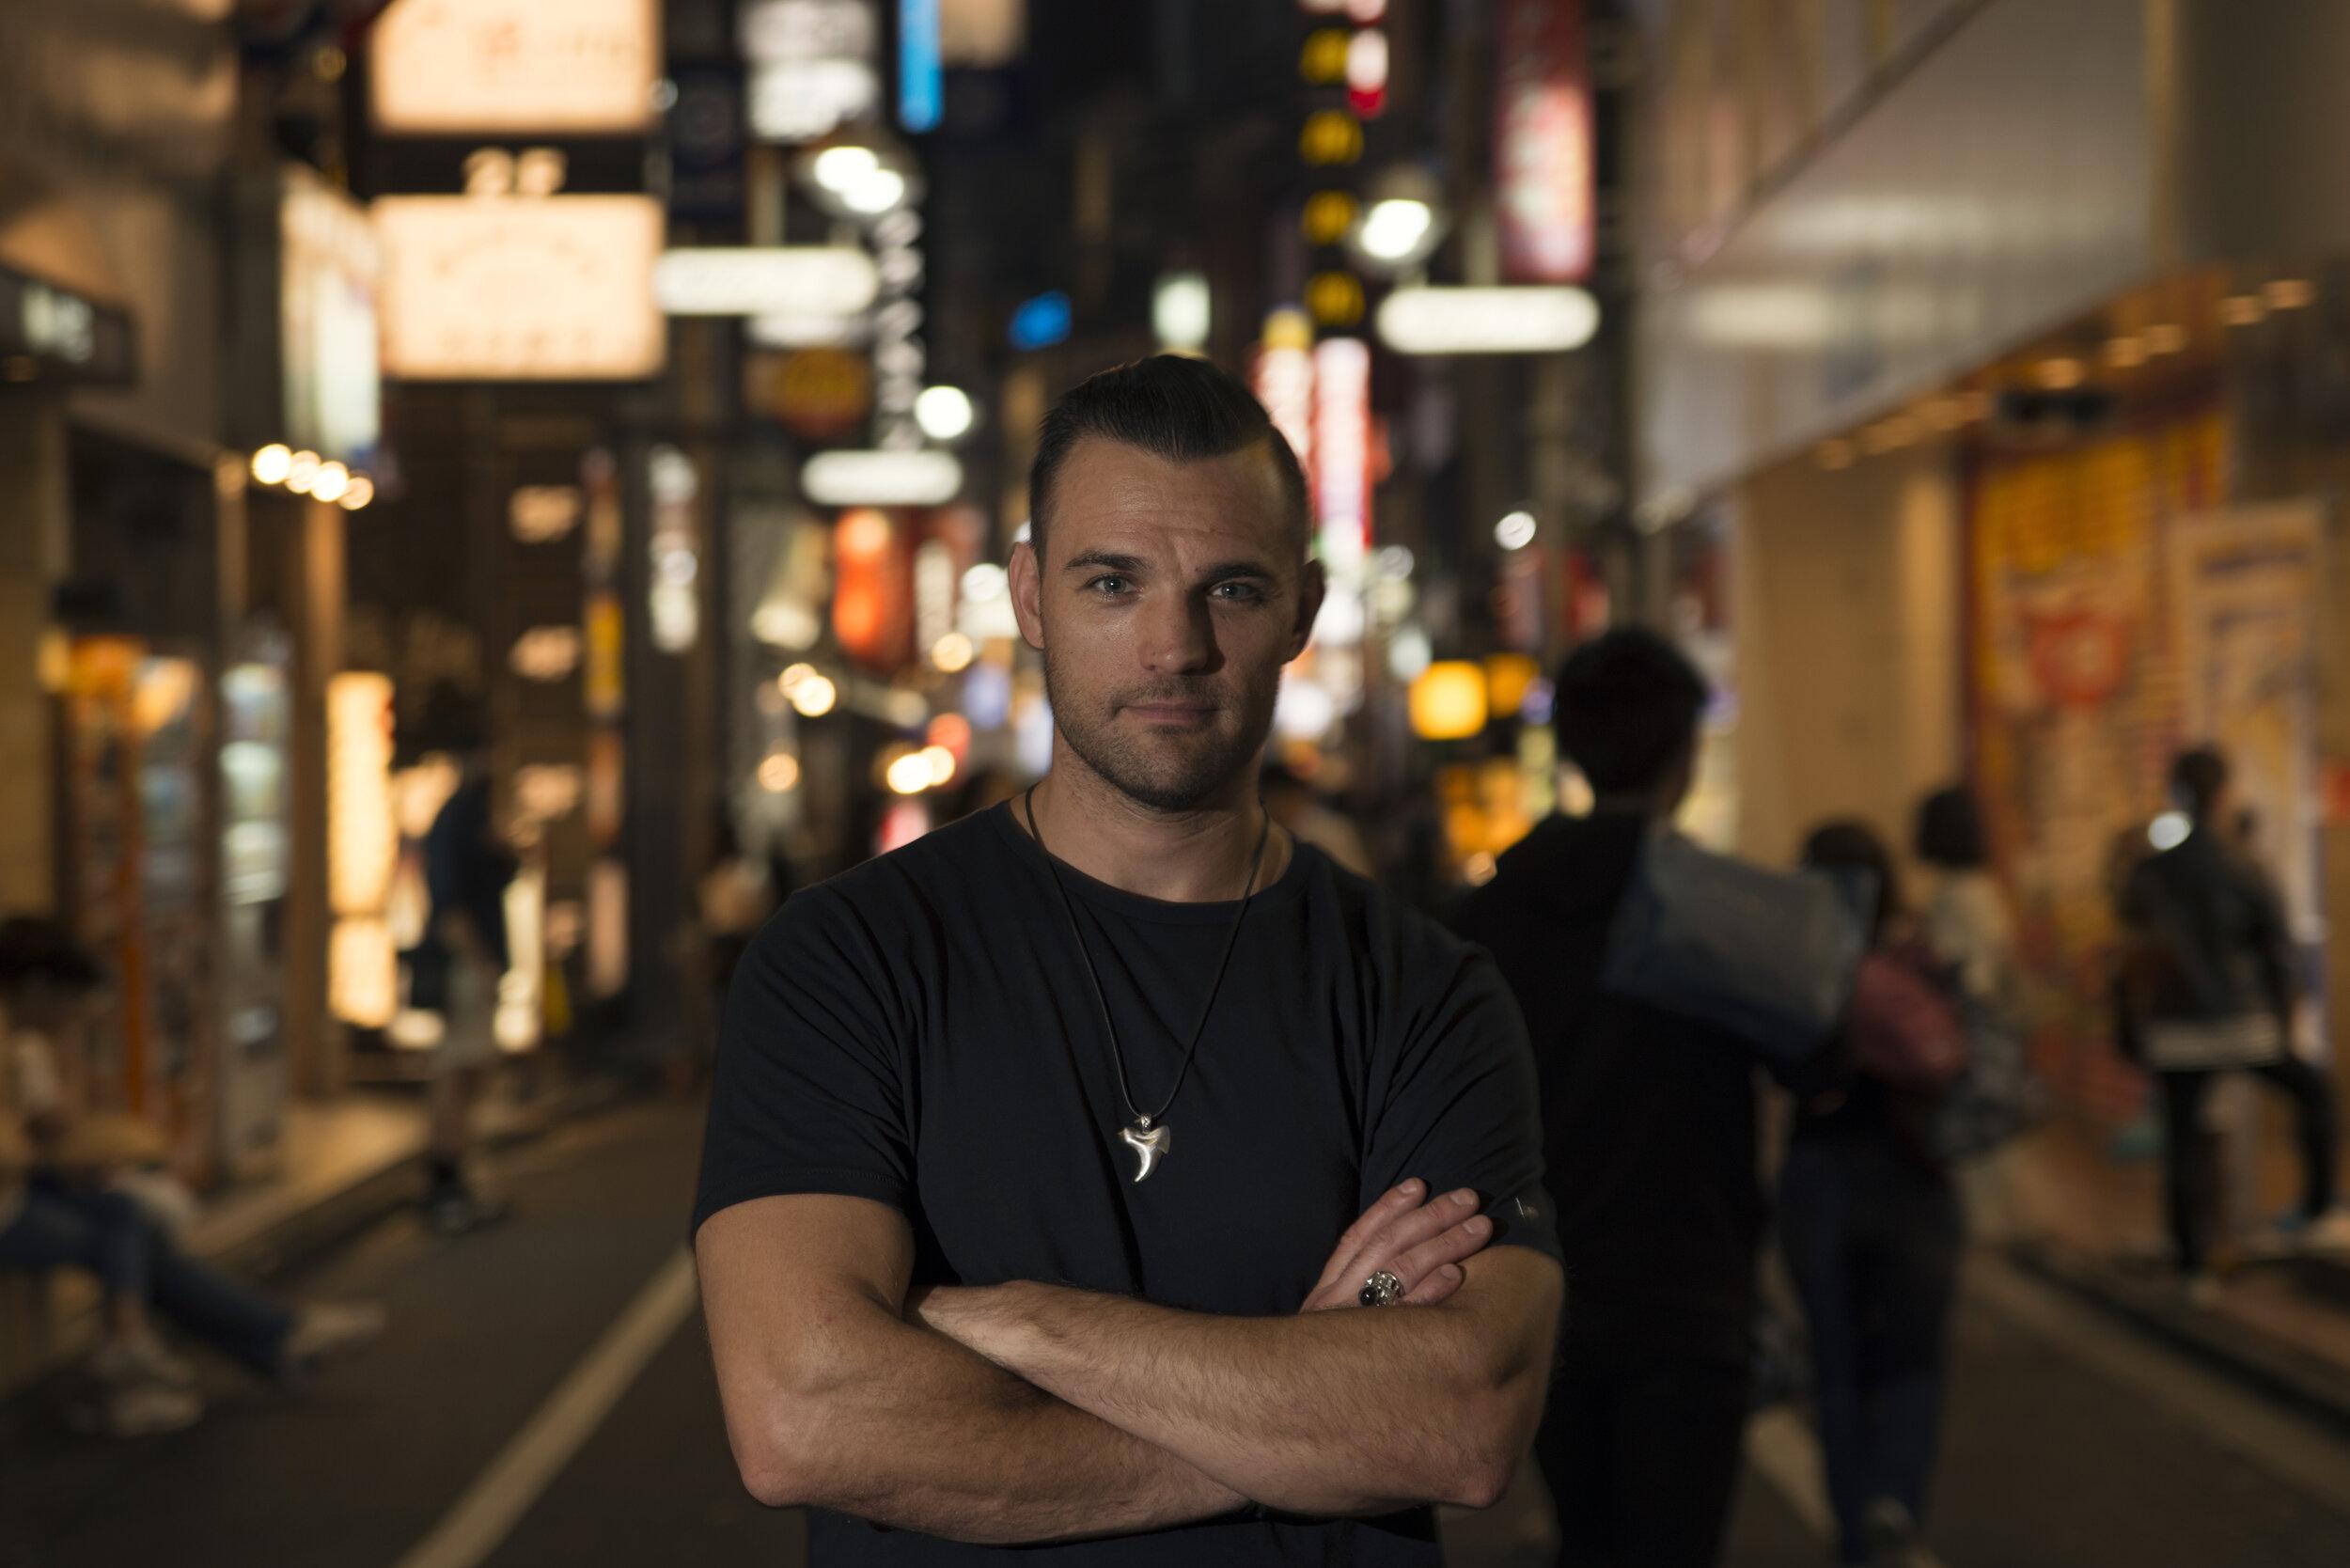 Justin Marchacos, en forma y de mirada convencida, todo un gentleman urbano de la electrónica melódica y classy.